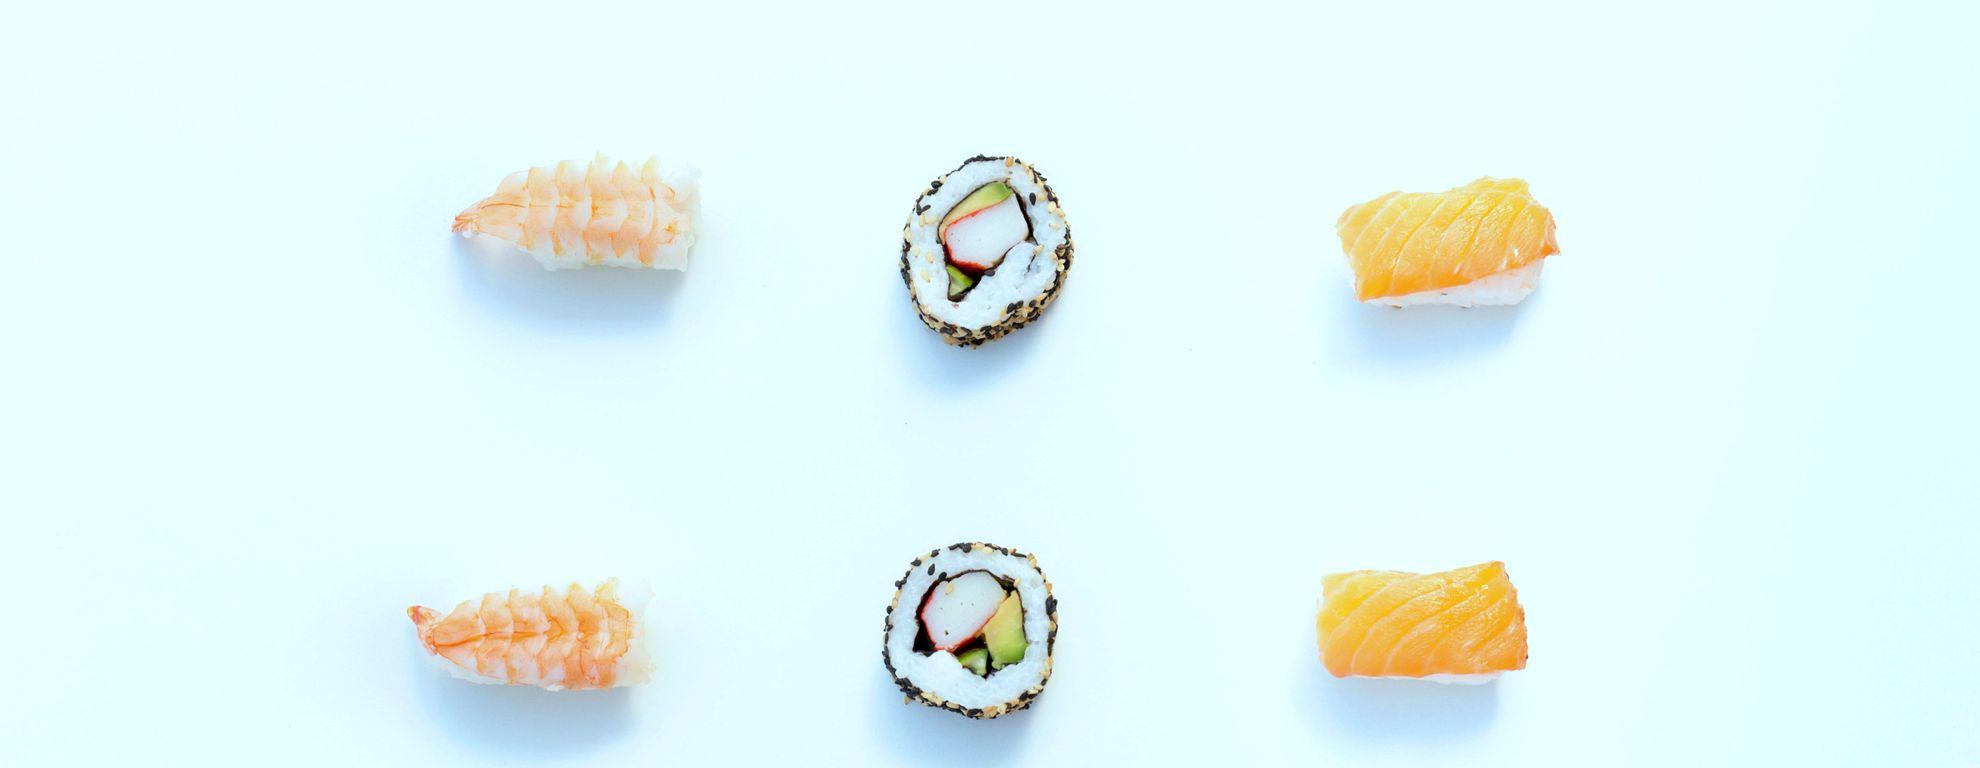 12 increíbles beneficios del aceite de pescado para la salud - Featured image